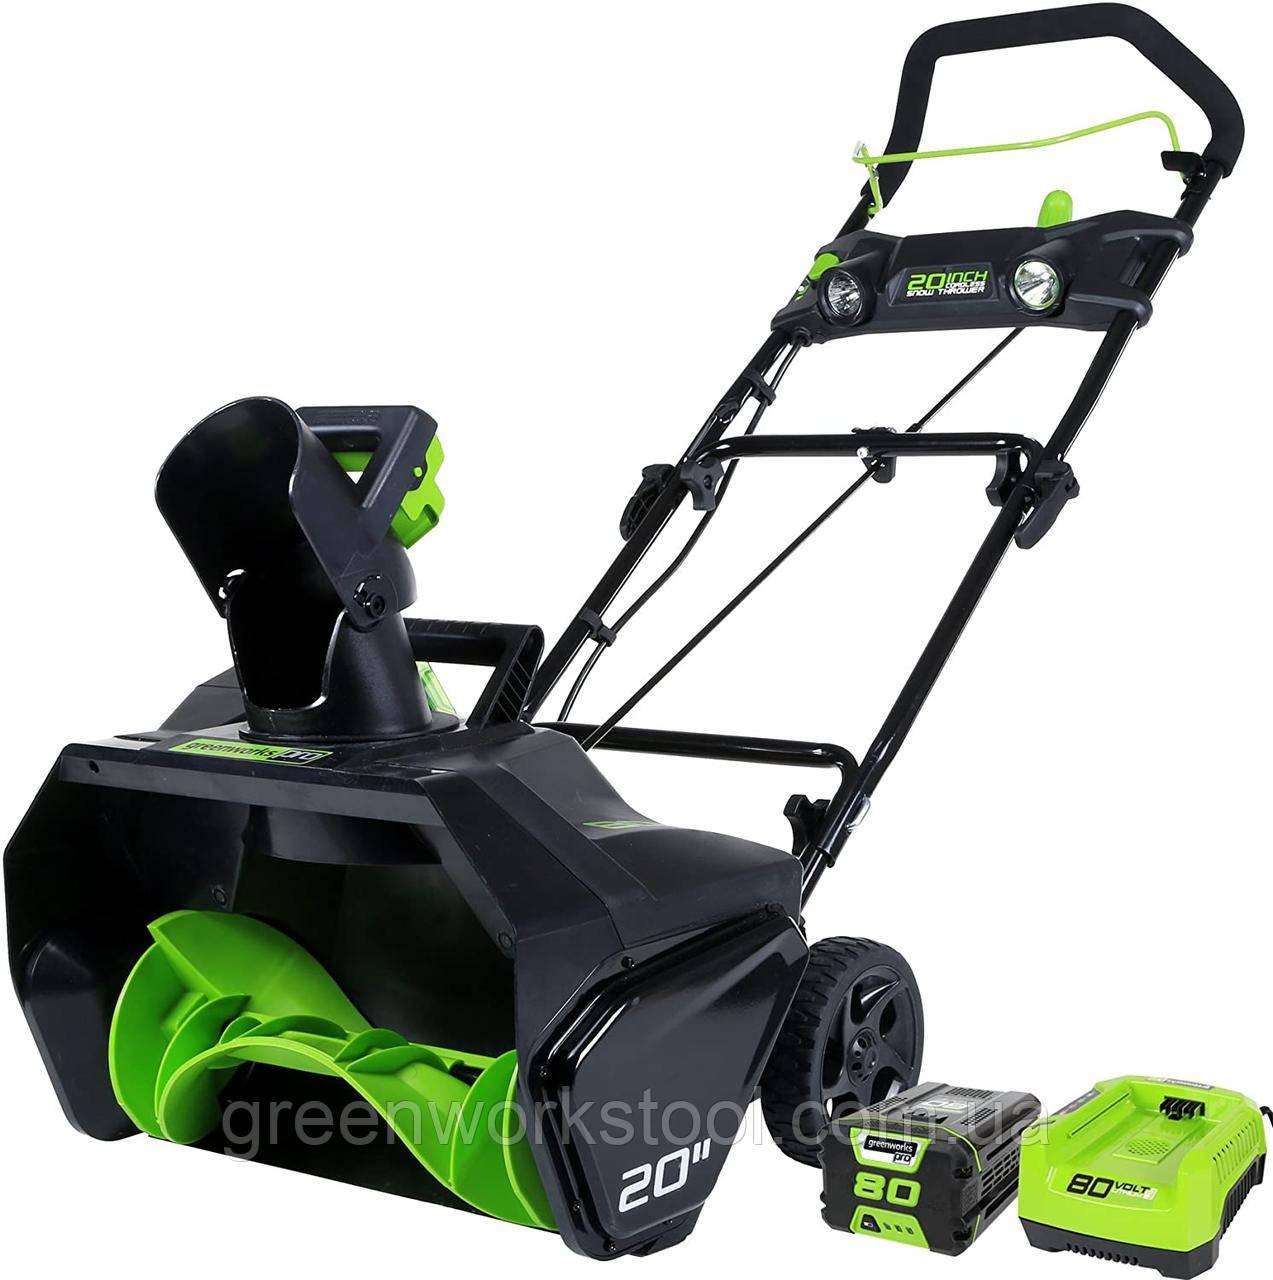 Снегоуборщик аккумуляторный Greenworks GD80SBК2 (2600402) 80V (51 см) бесщеточный с АКБ и зар. ус-вом